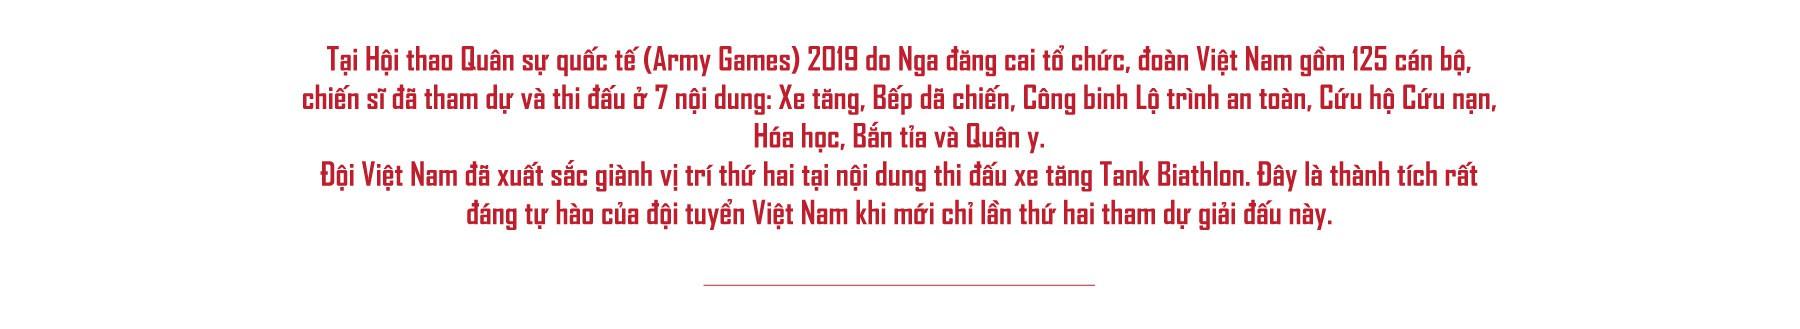 [eMagazine] - Hội thao quân sự quốc tế 2019: Dấu ấn đội tuyển xe tăng Việt Nam - Ảnh 1.